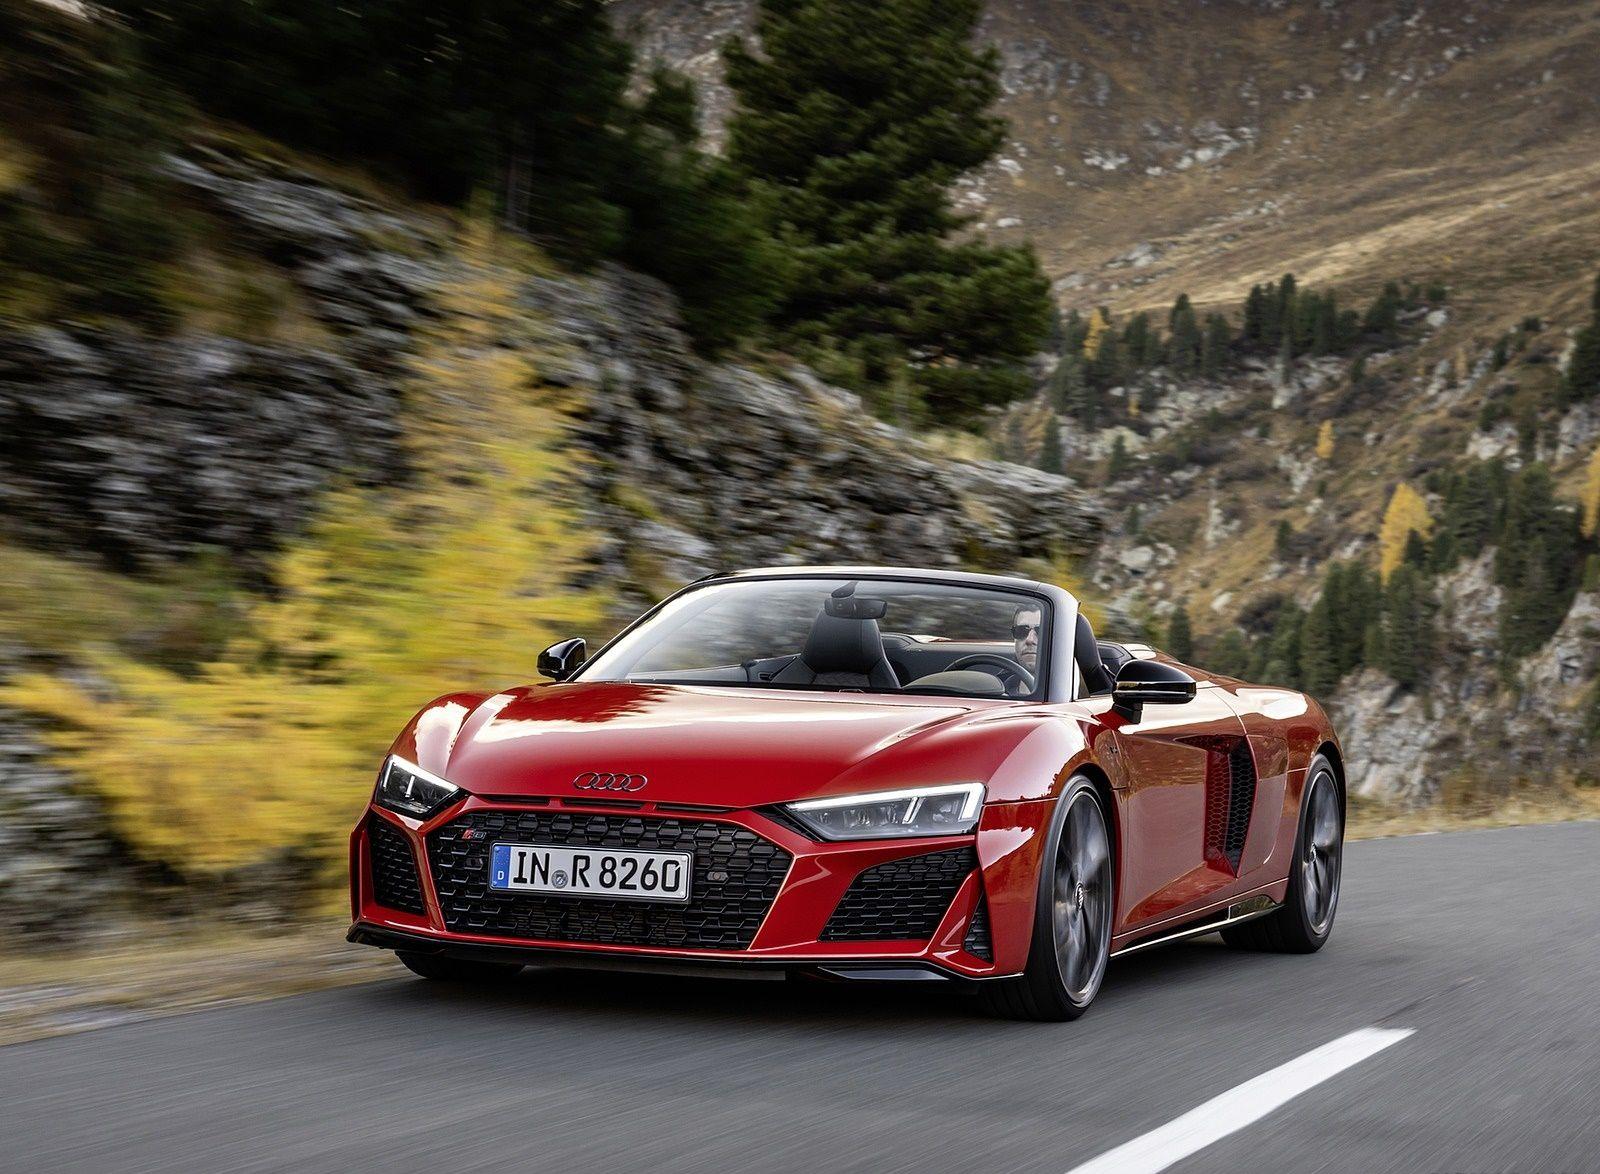 Audi R8 2020 Wallpapers - Wallpaper Cave